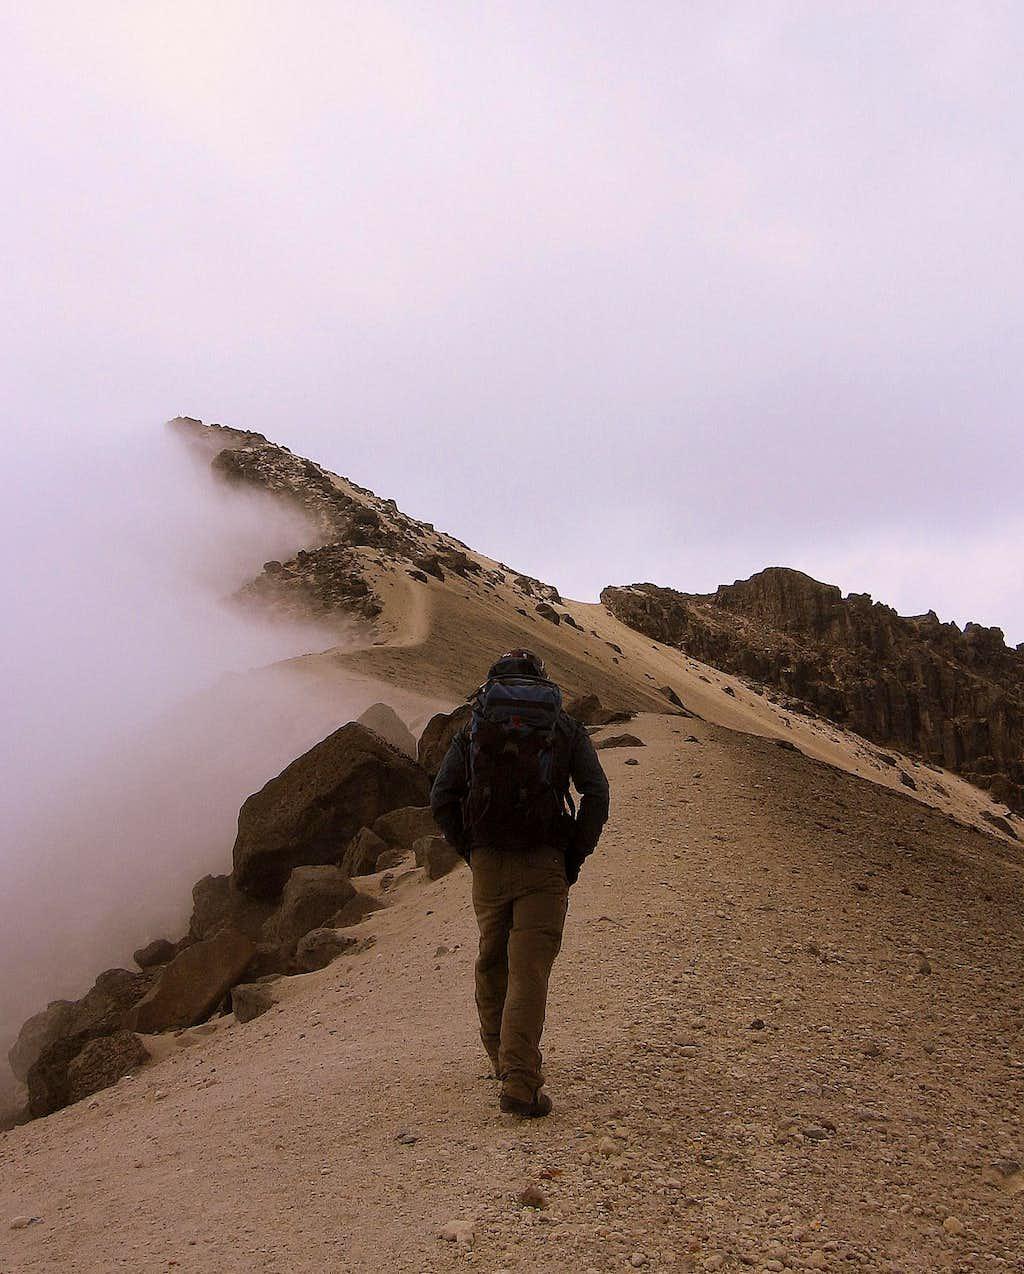 The ridge of Guagua Pichincha